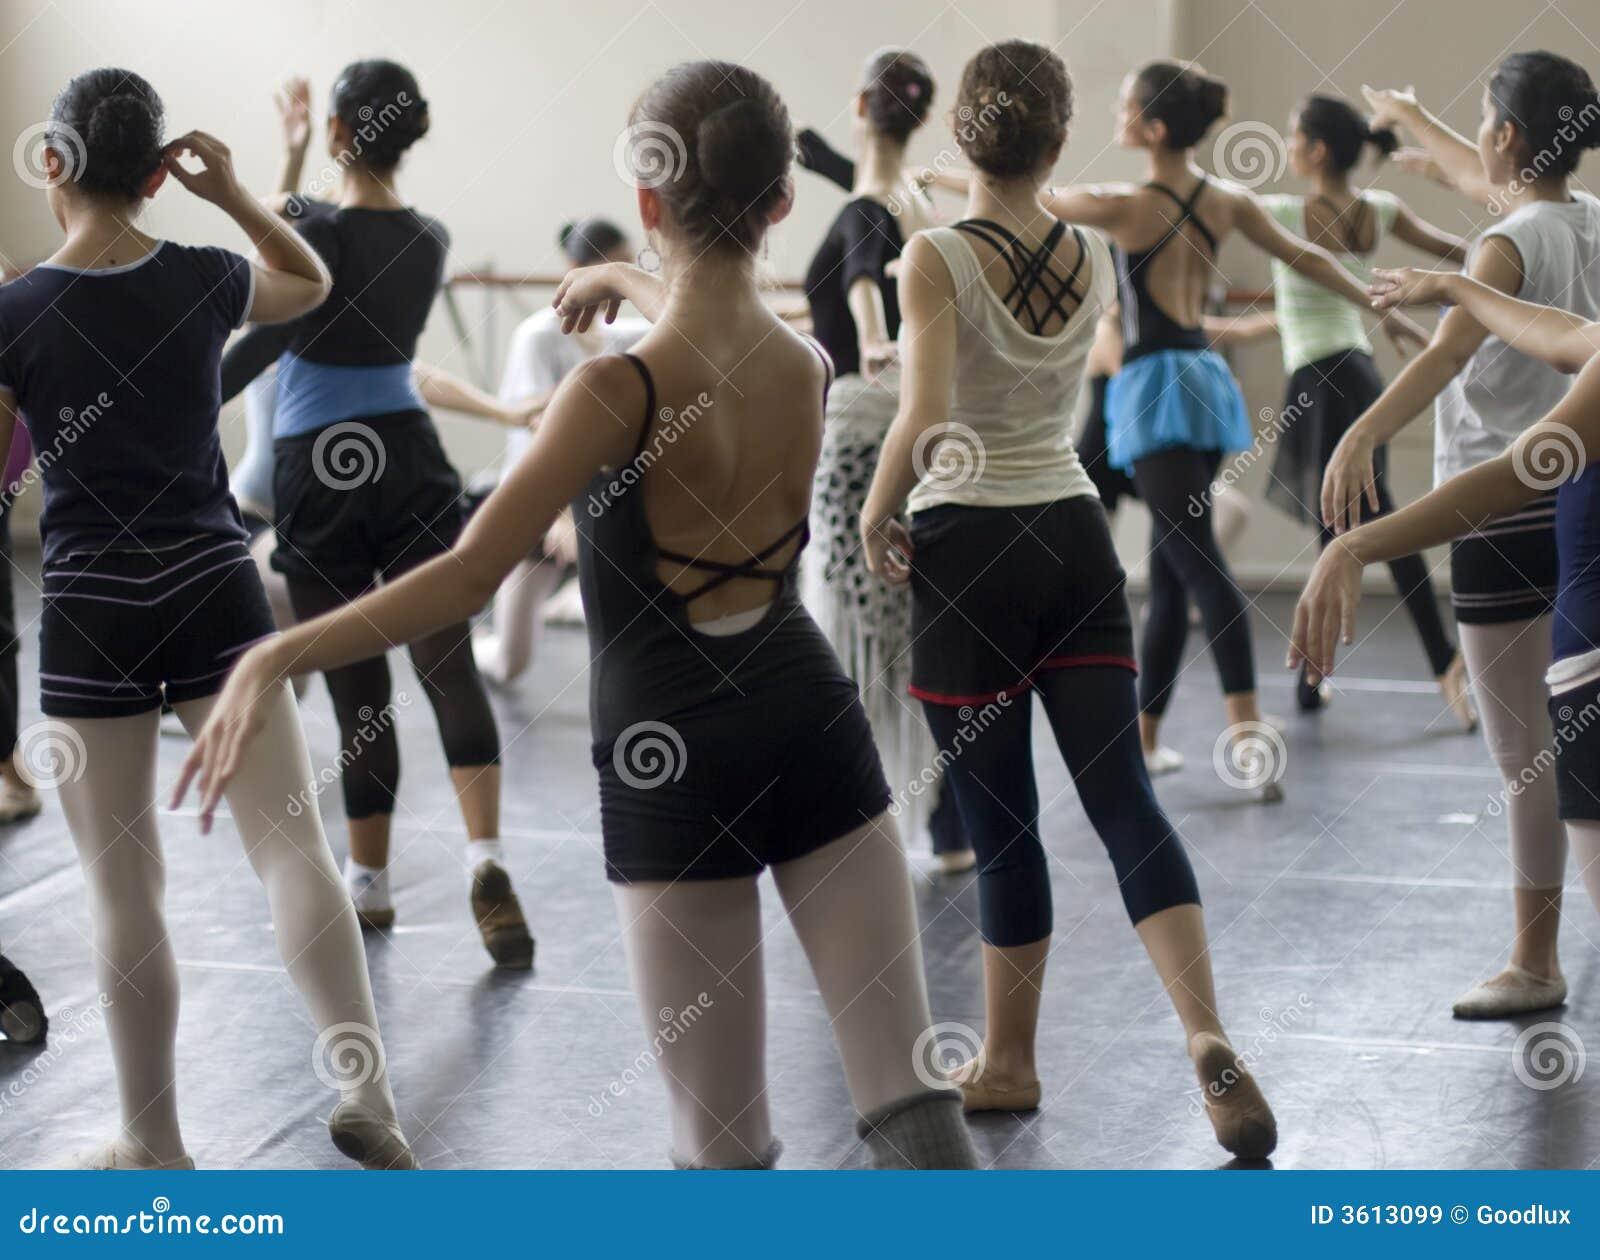 De danspraktijk van het ballet